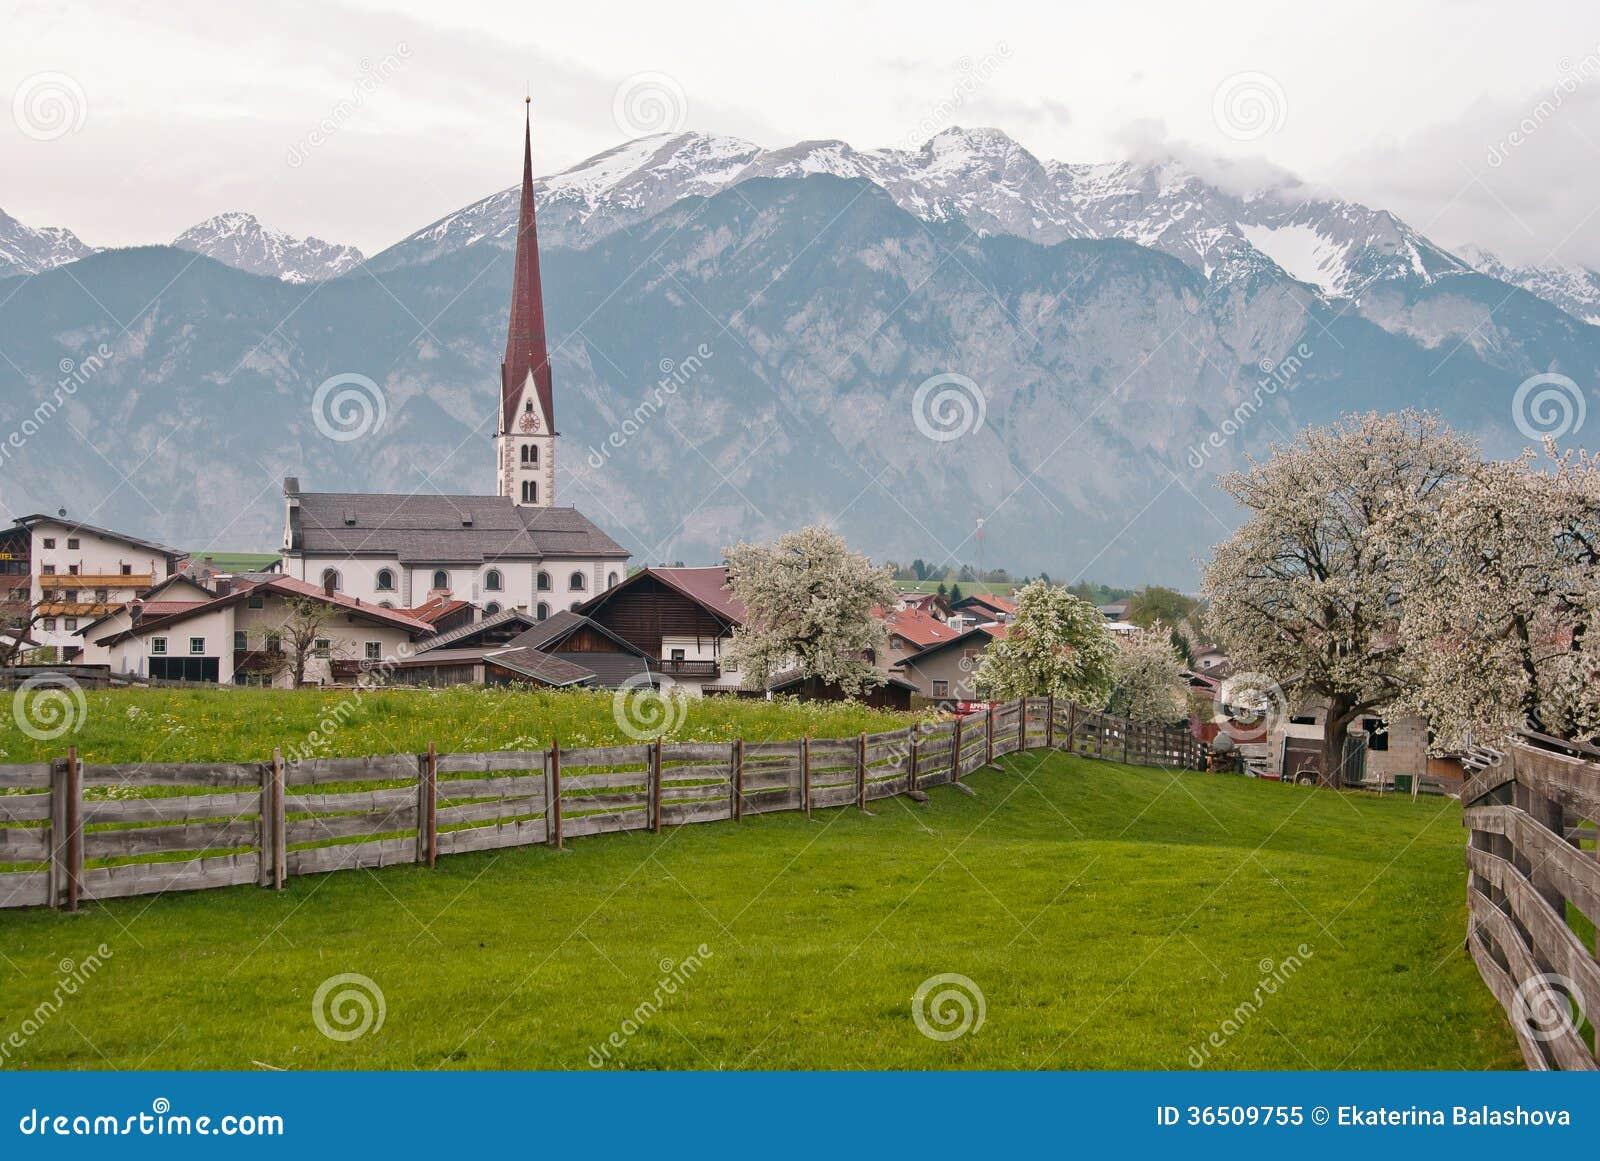 Petite ville sur le fond des montagnes